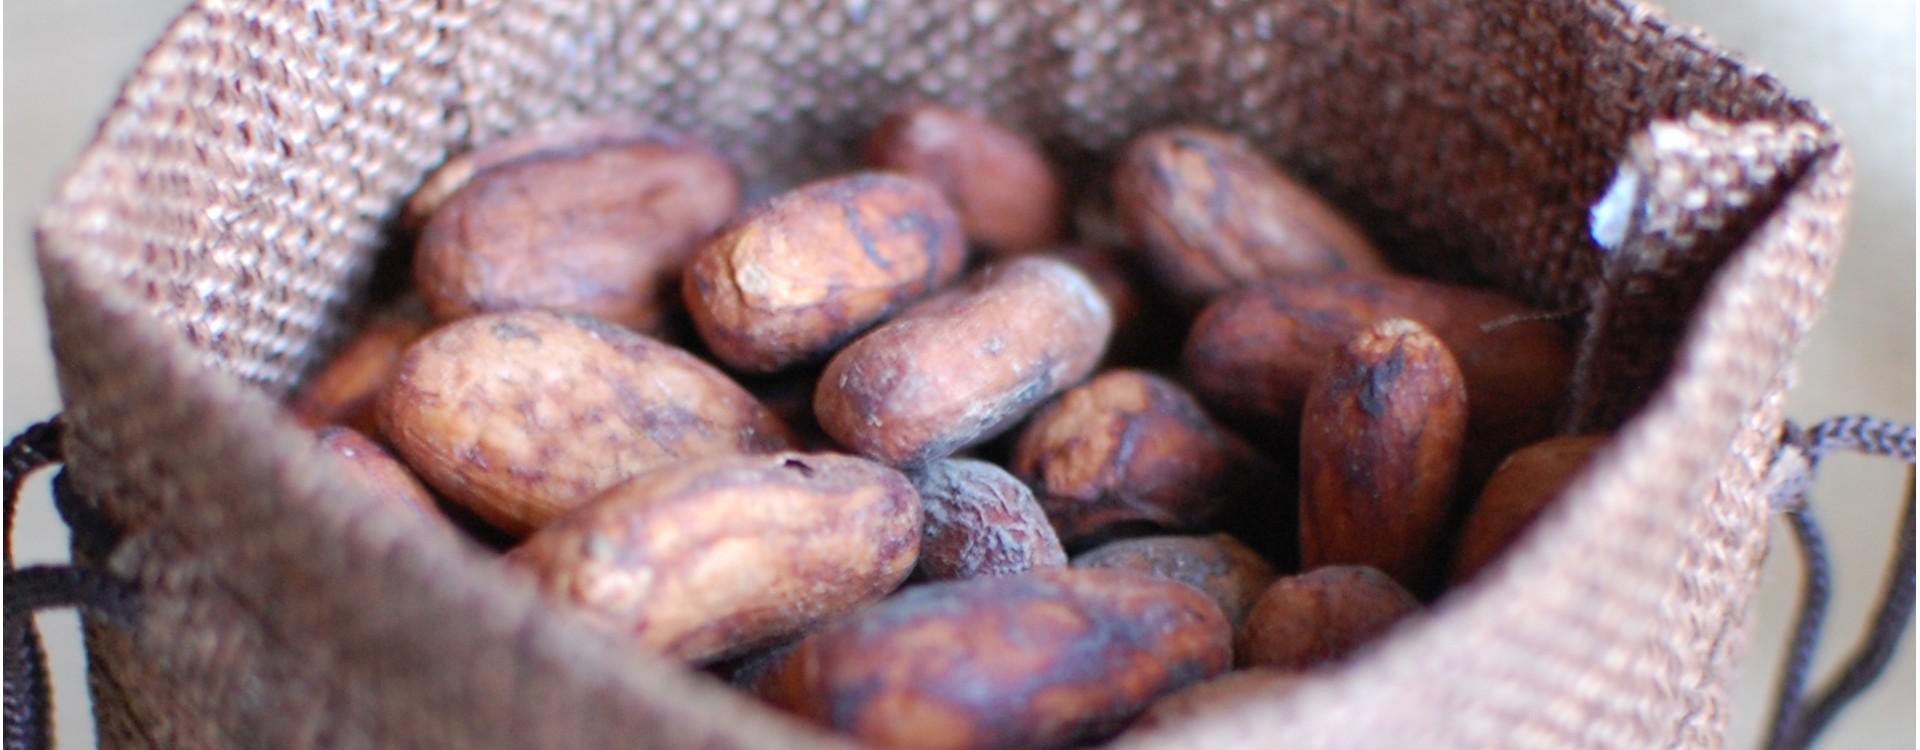 Kolik stojí kakao ?